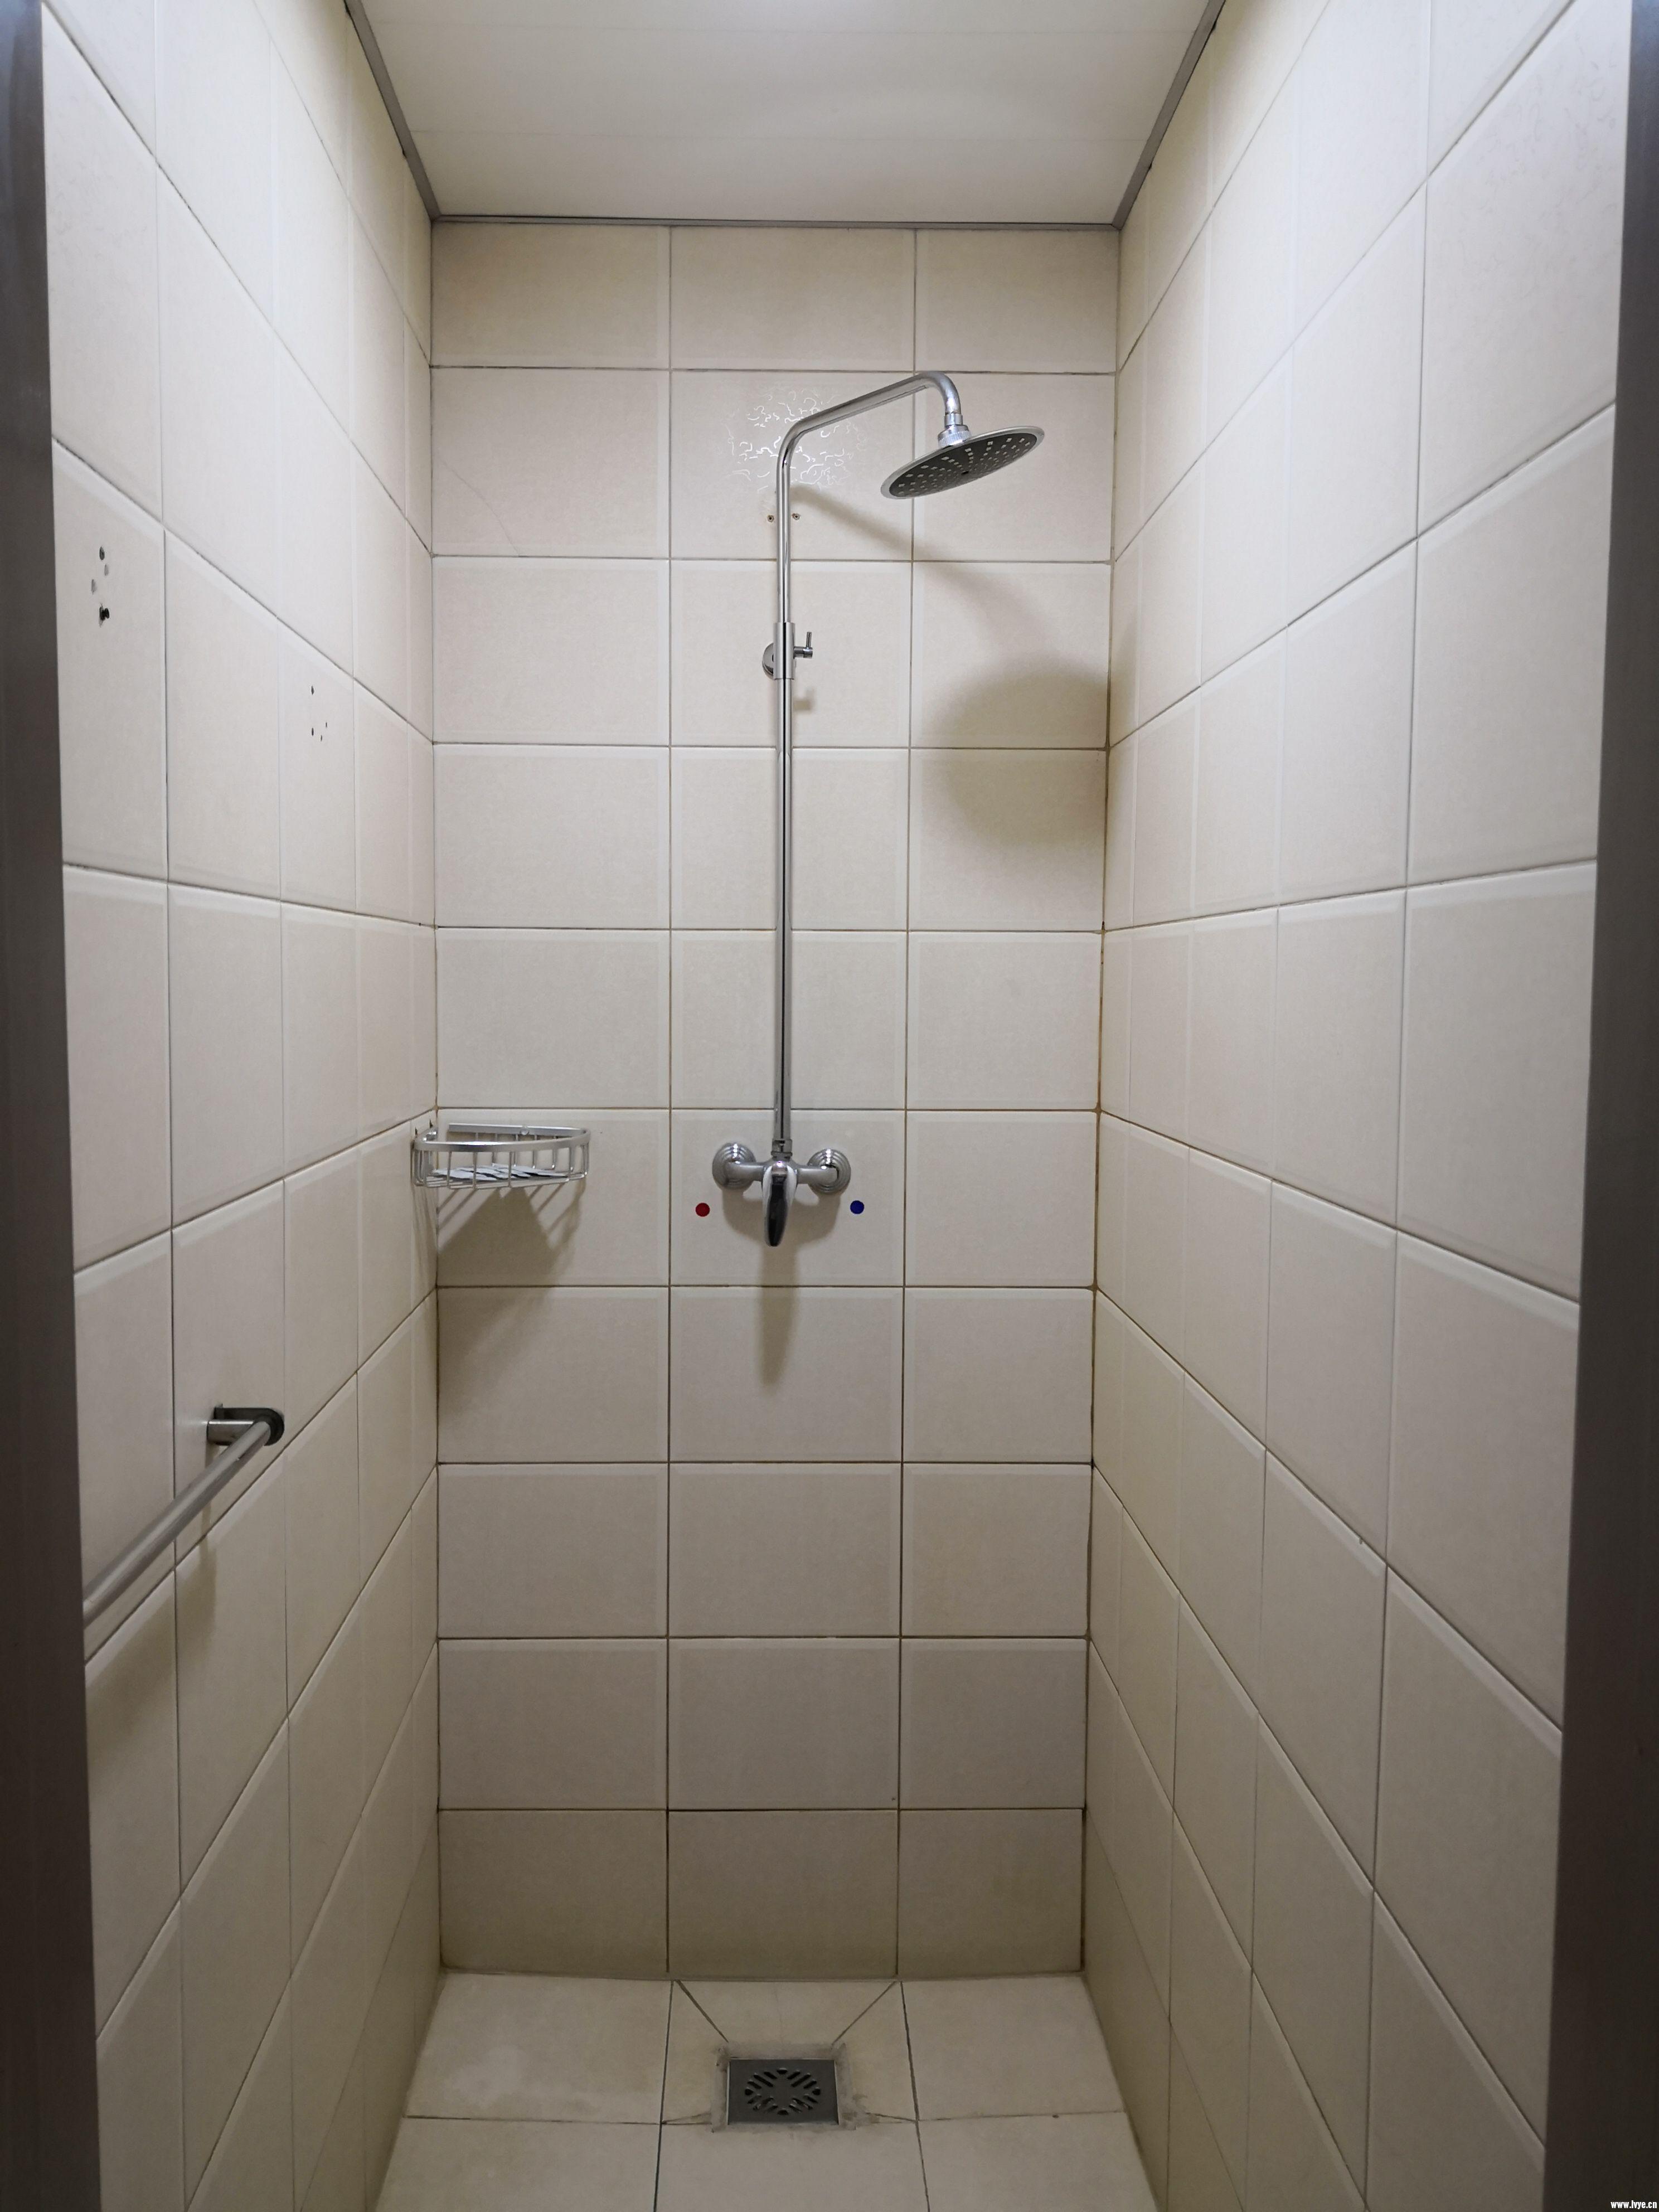 7.窄小的淋浴间